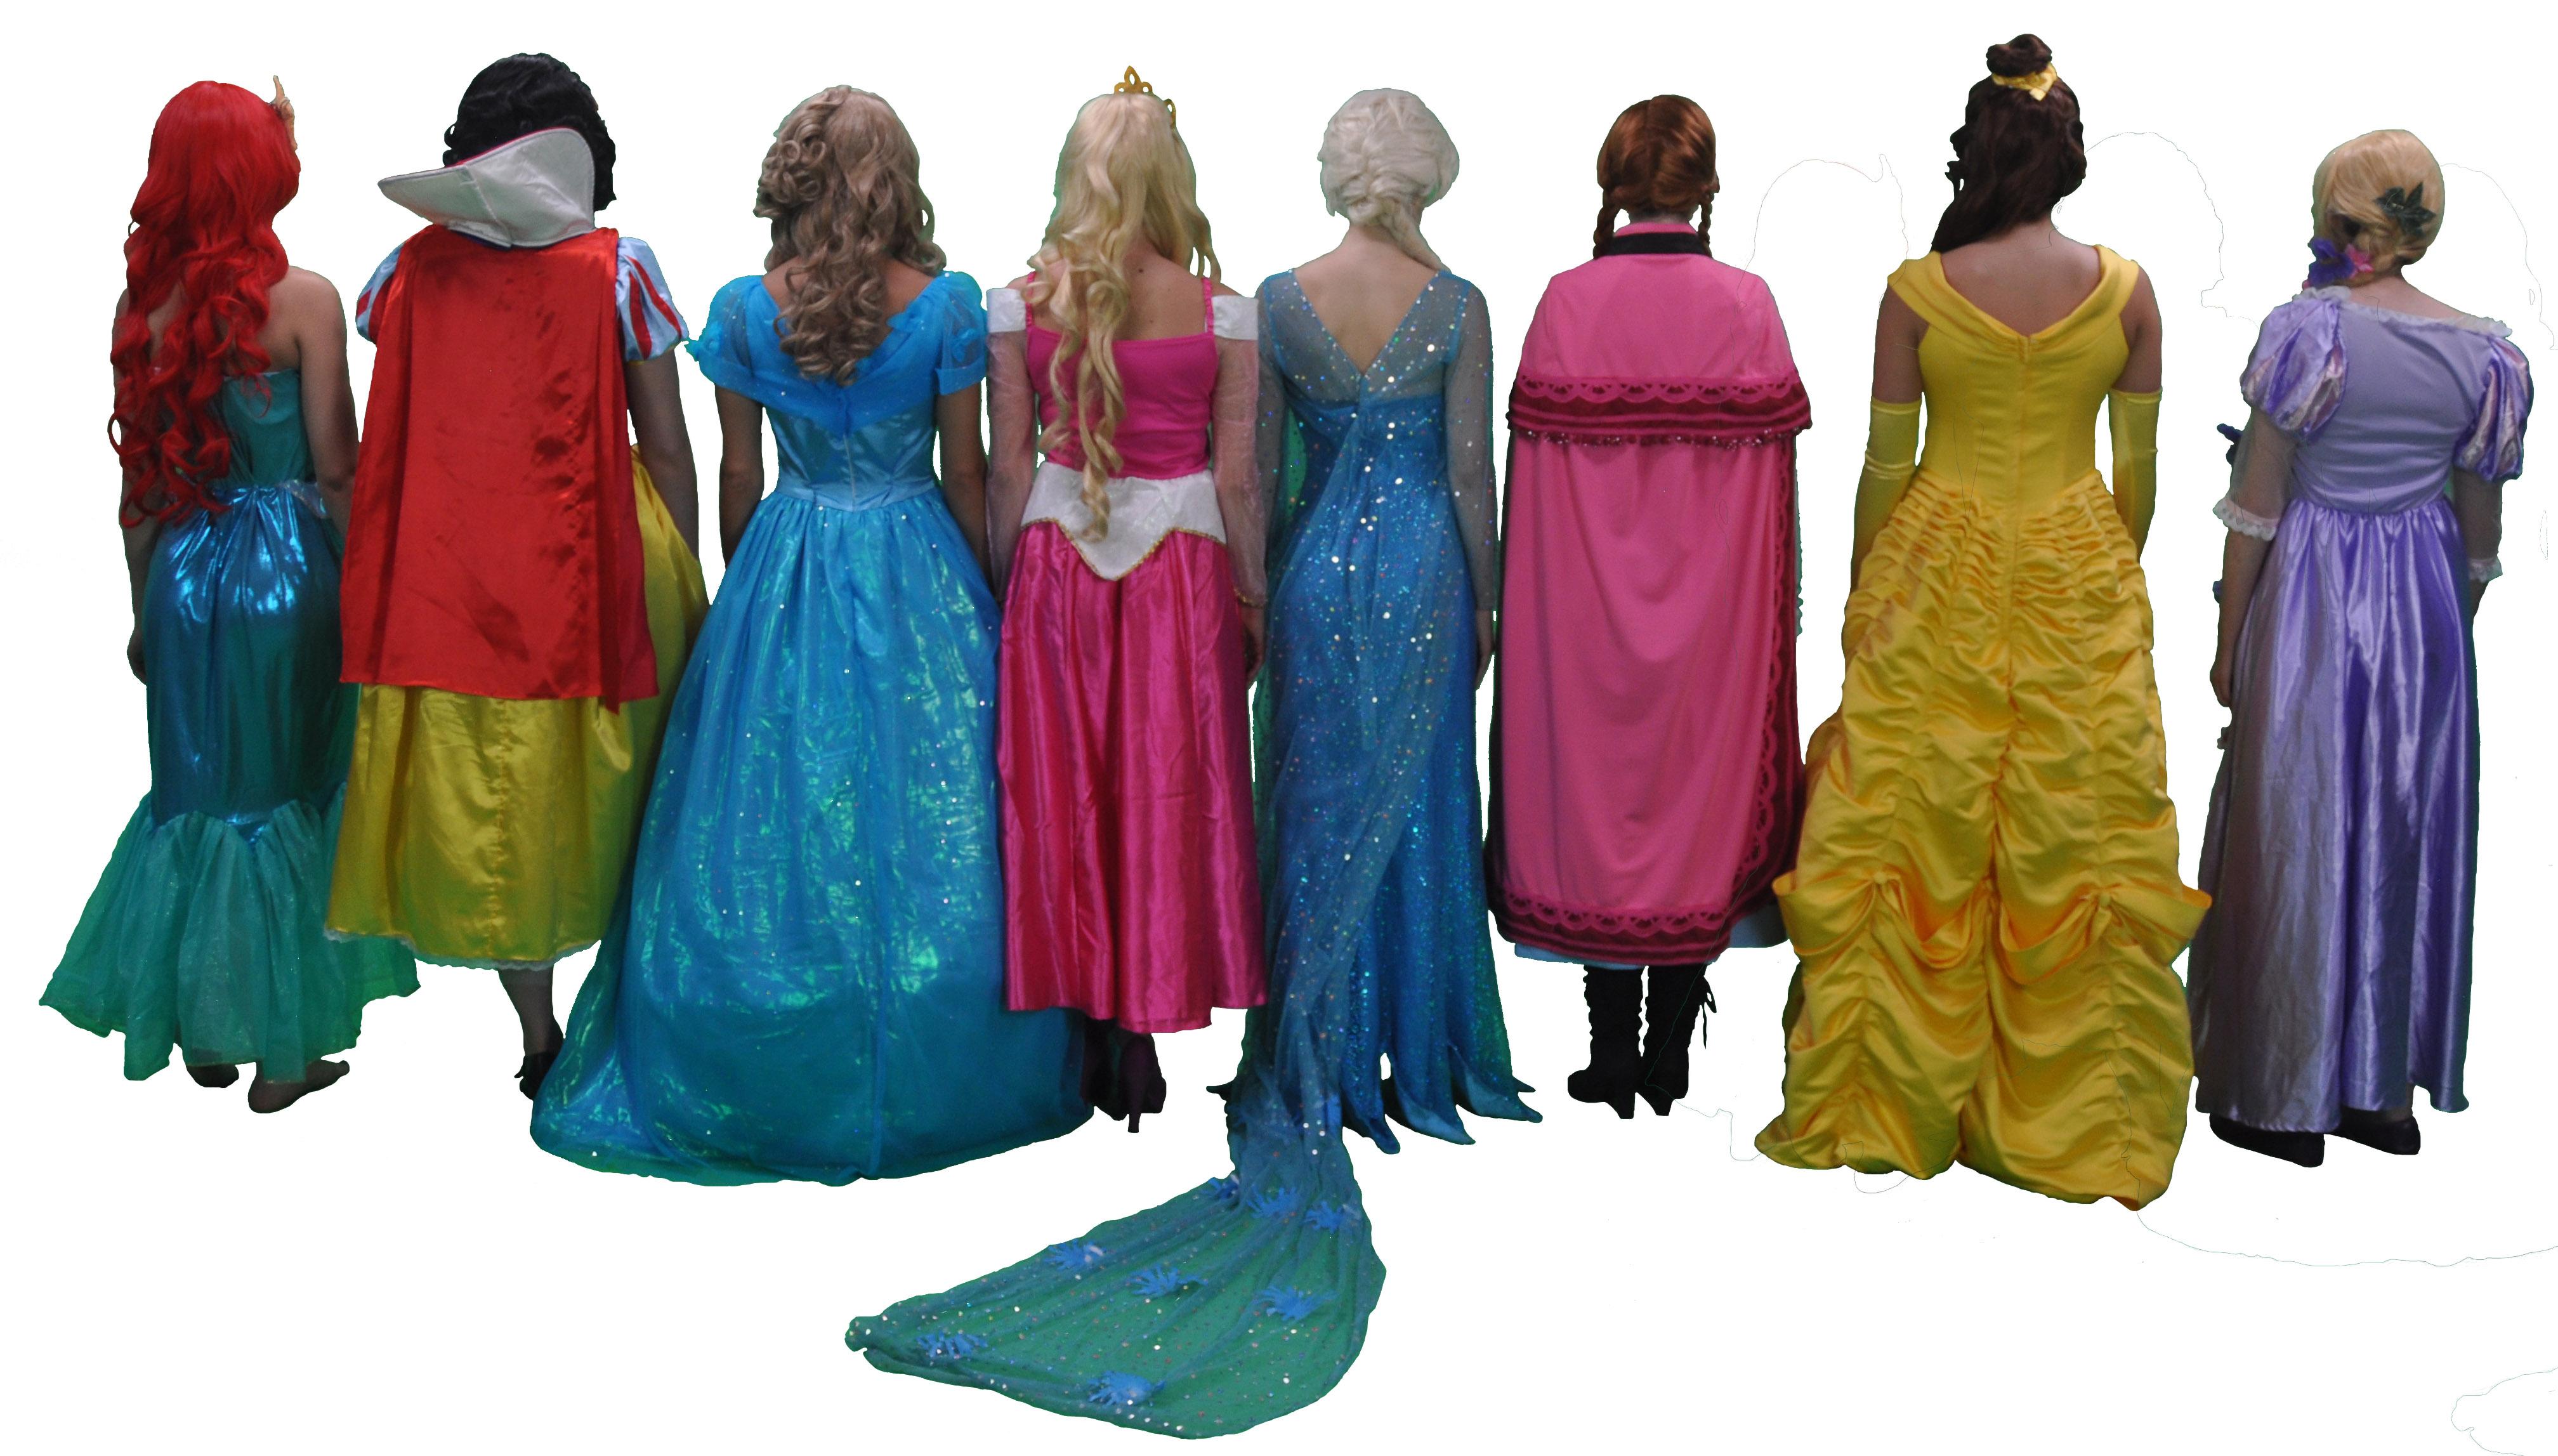 transparent princesses backs